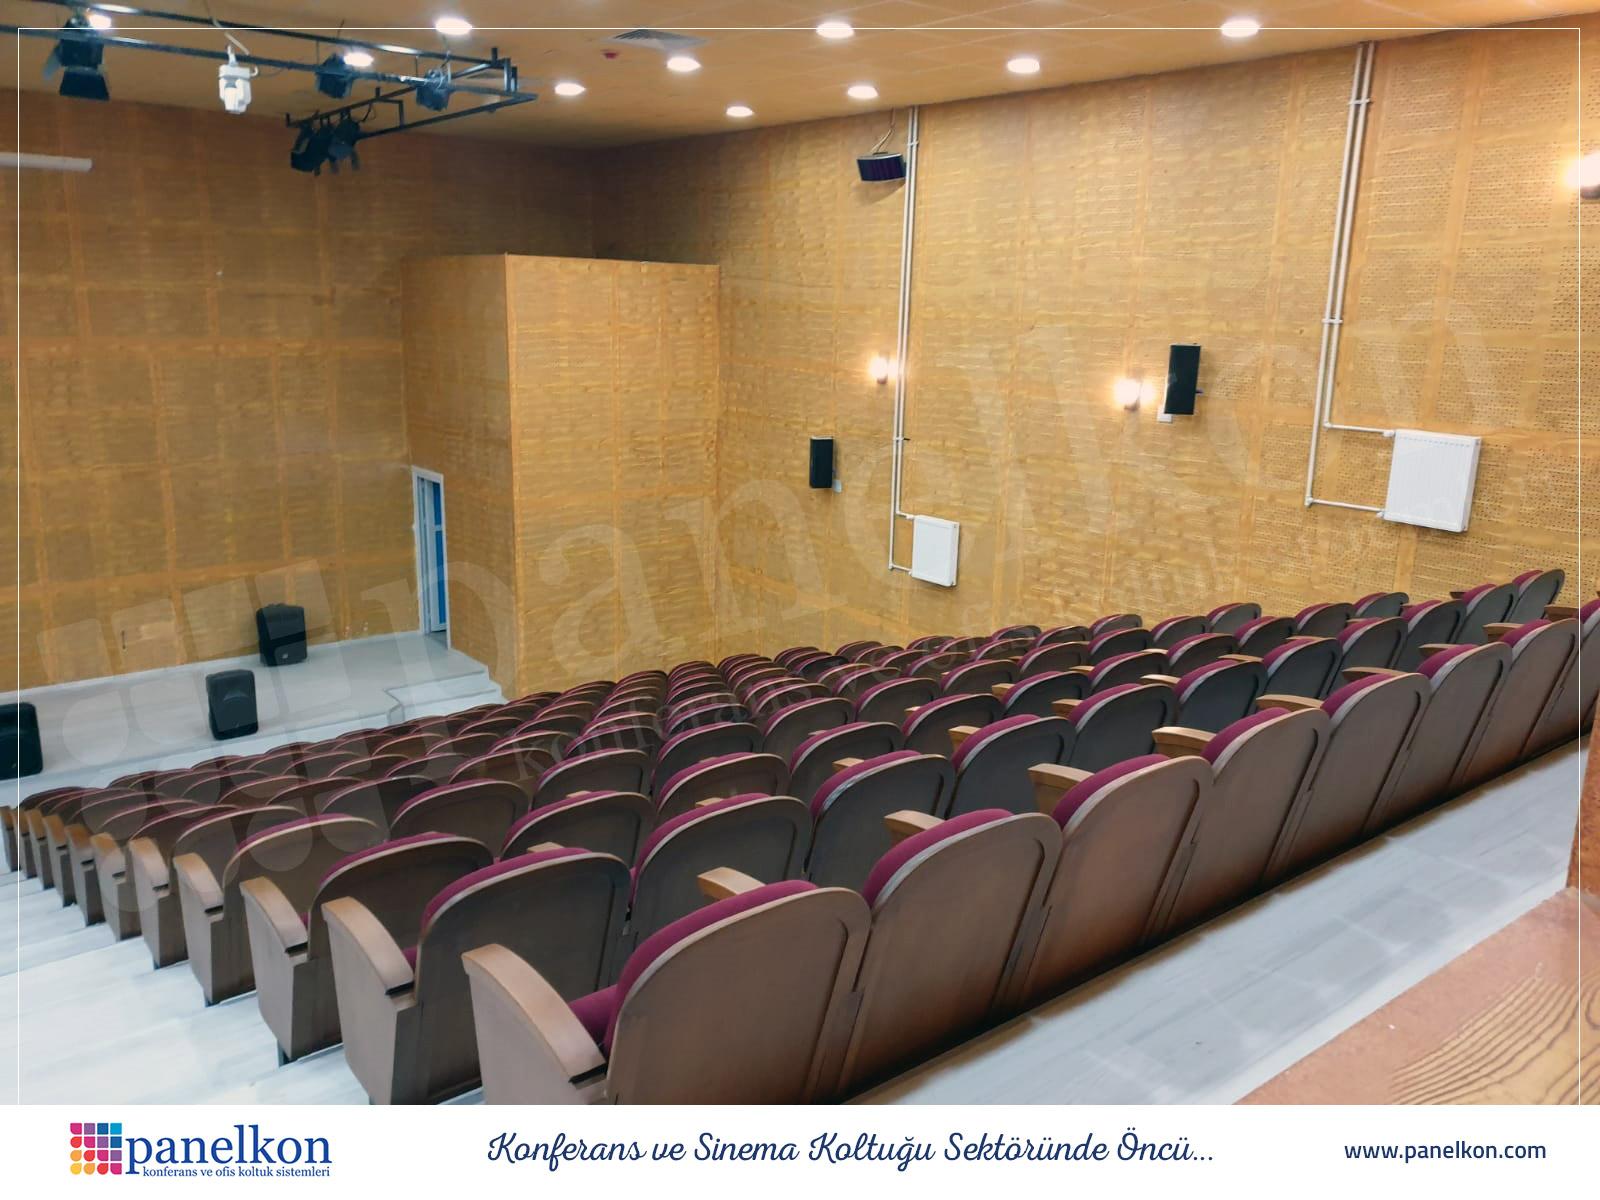 Bitlis Eren Üniversitesi Konferans Salonu Koltukları (2)